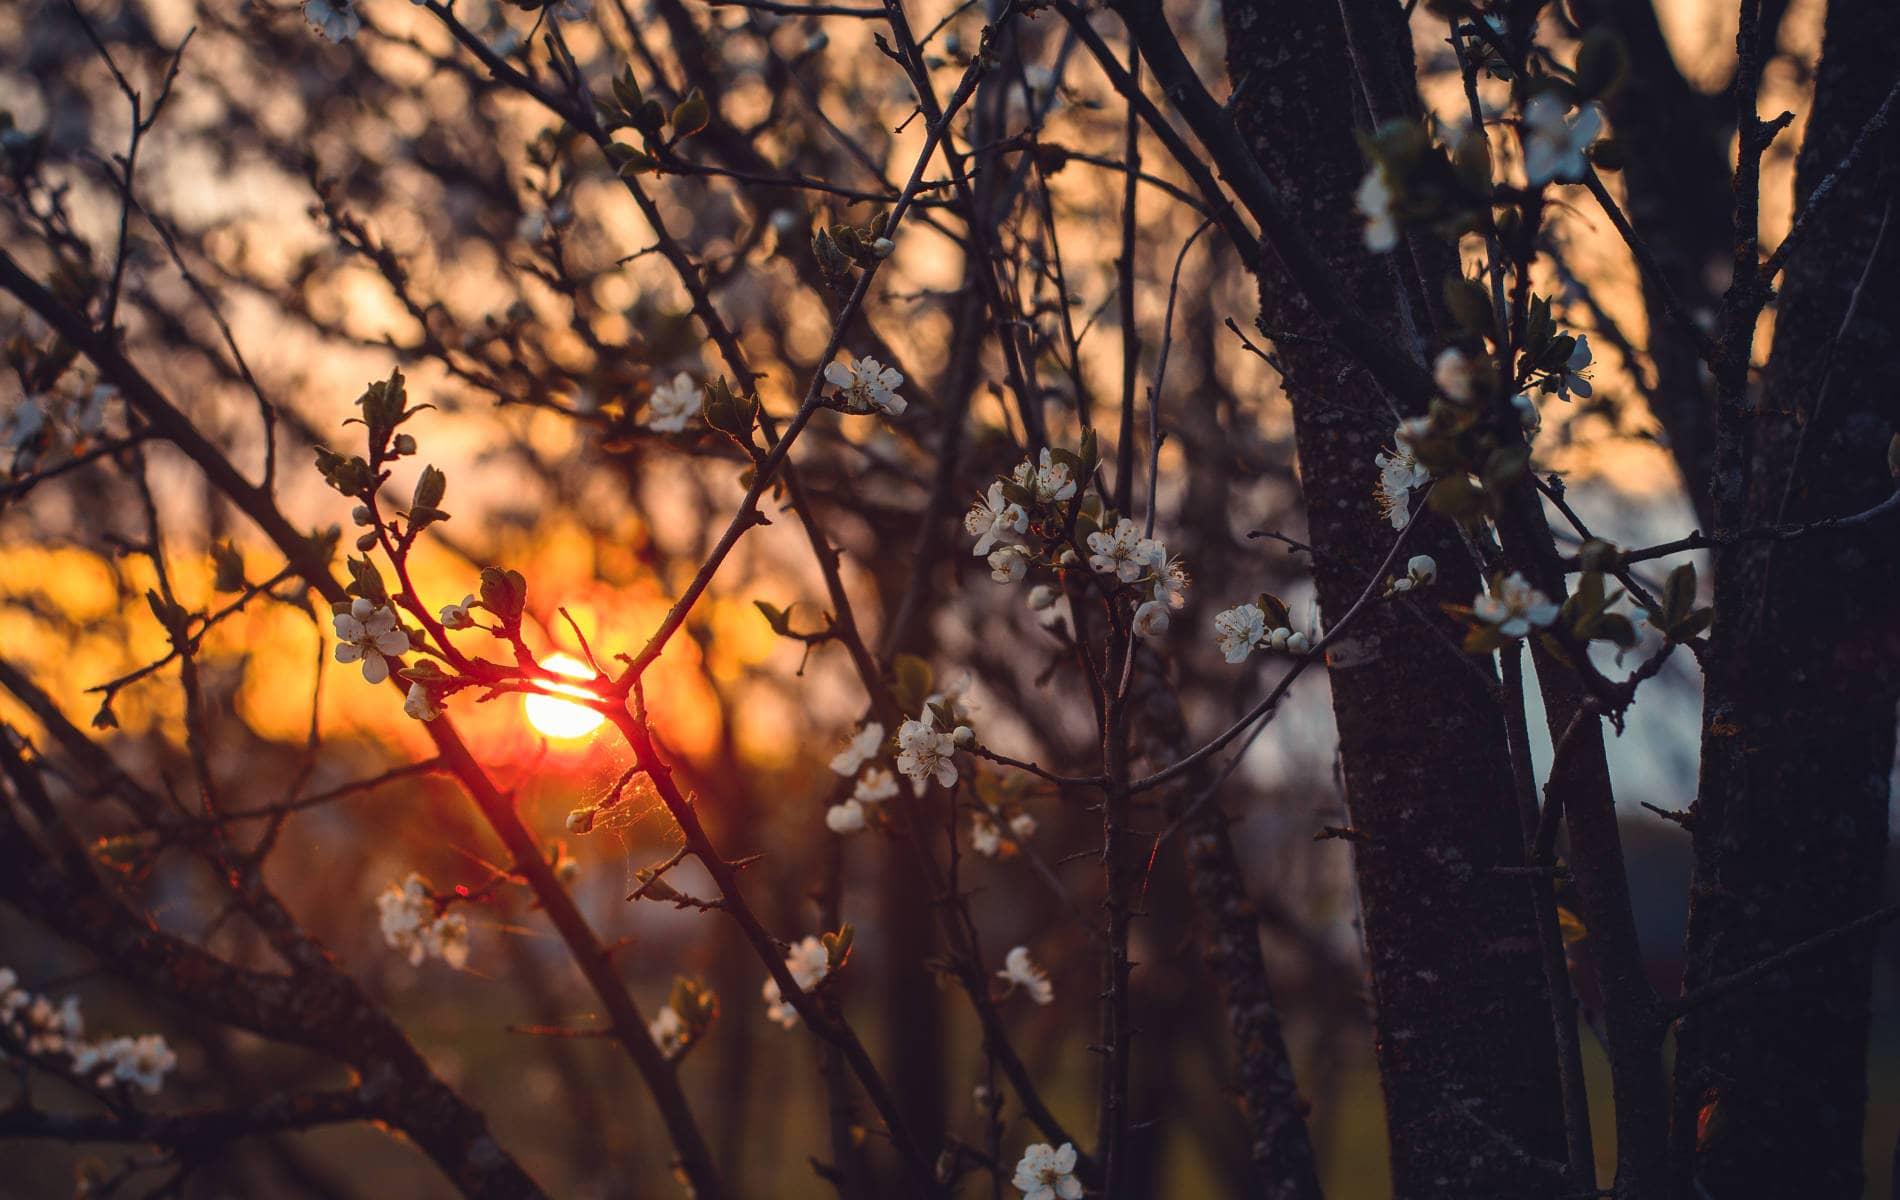 Baum mit Blüten - Rauschend im Sonnenuntergang